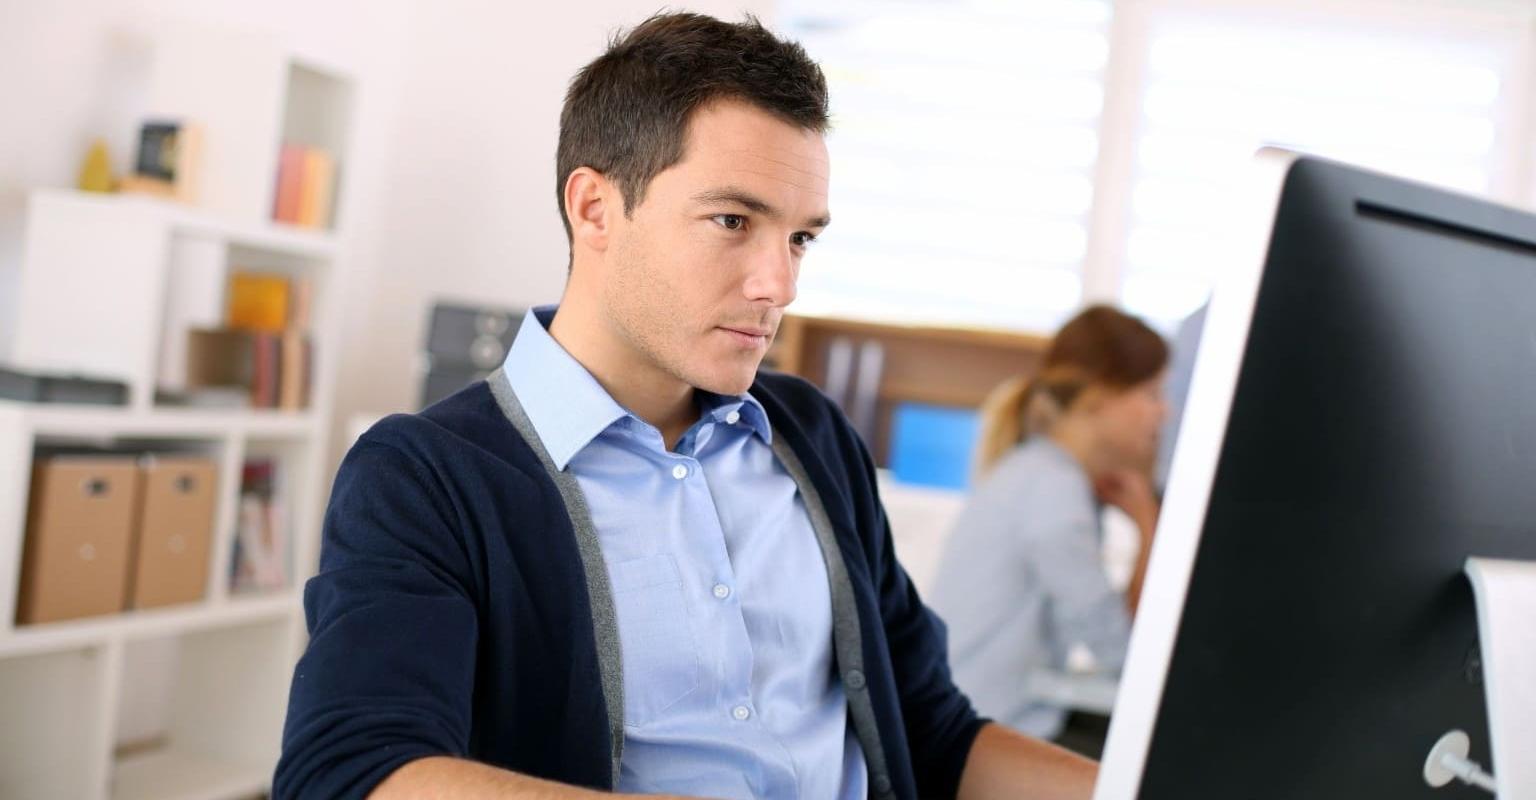 Man kijkt naar accounting software